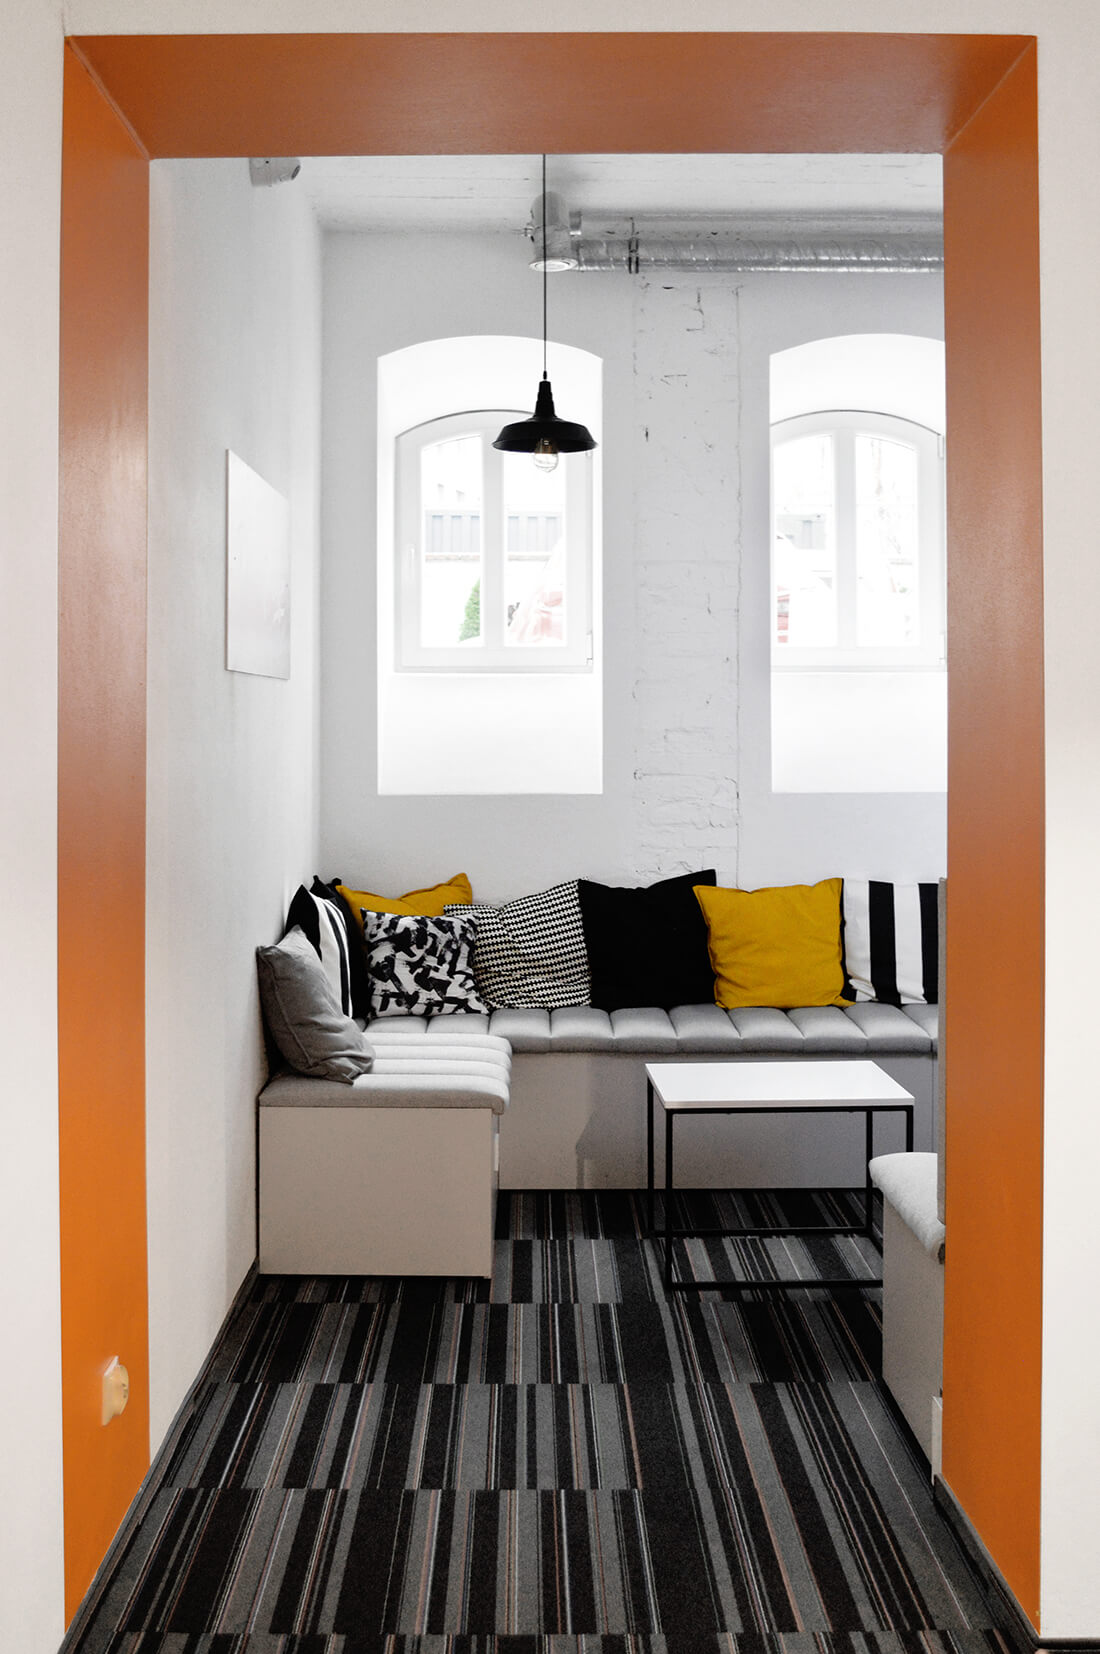 Projekt wnętrza jadalni, strefa z szarymi siedziskami z poduszkami